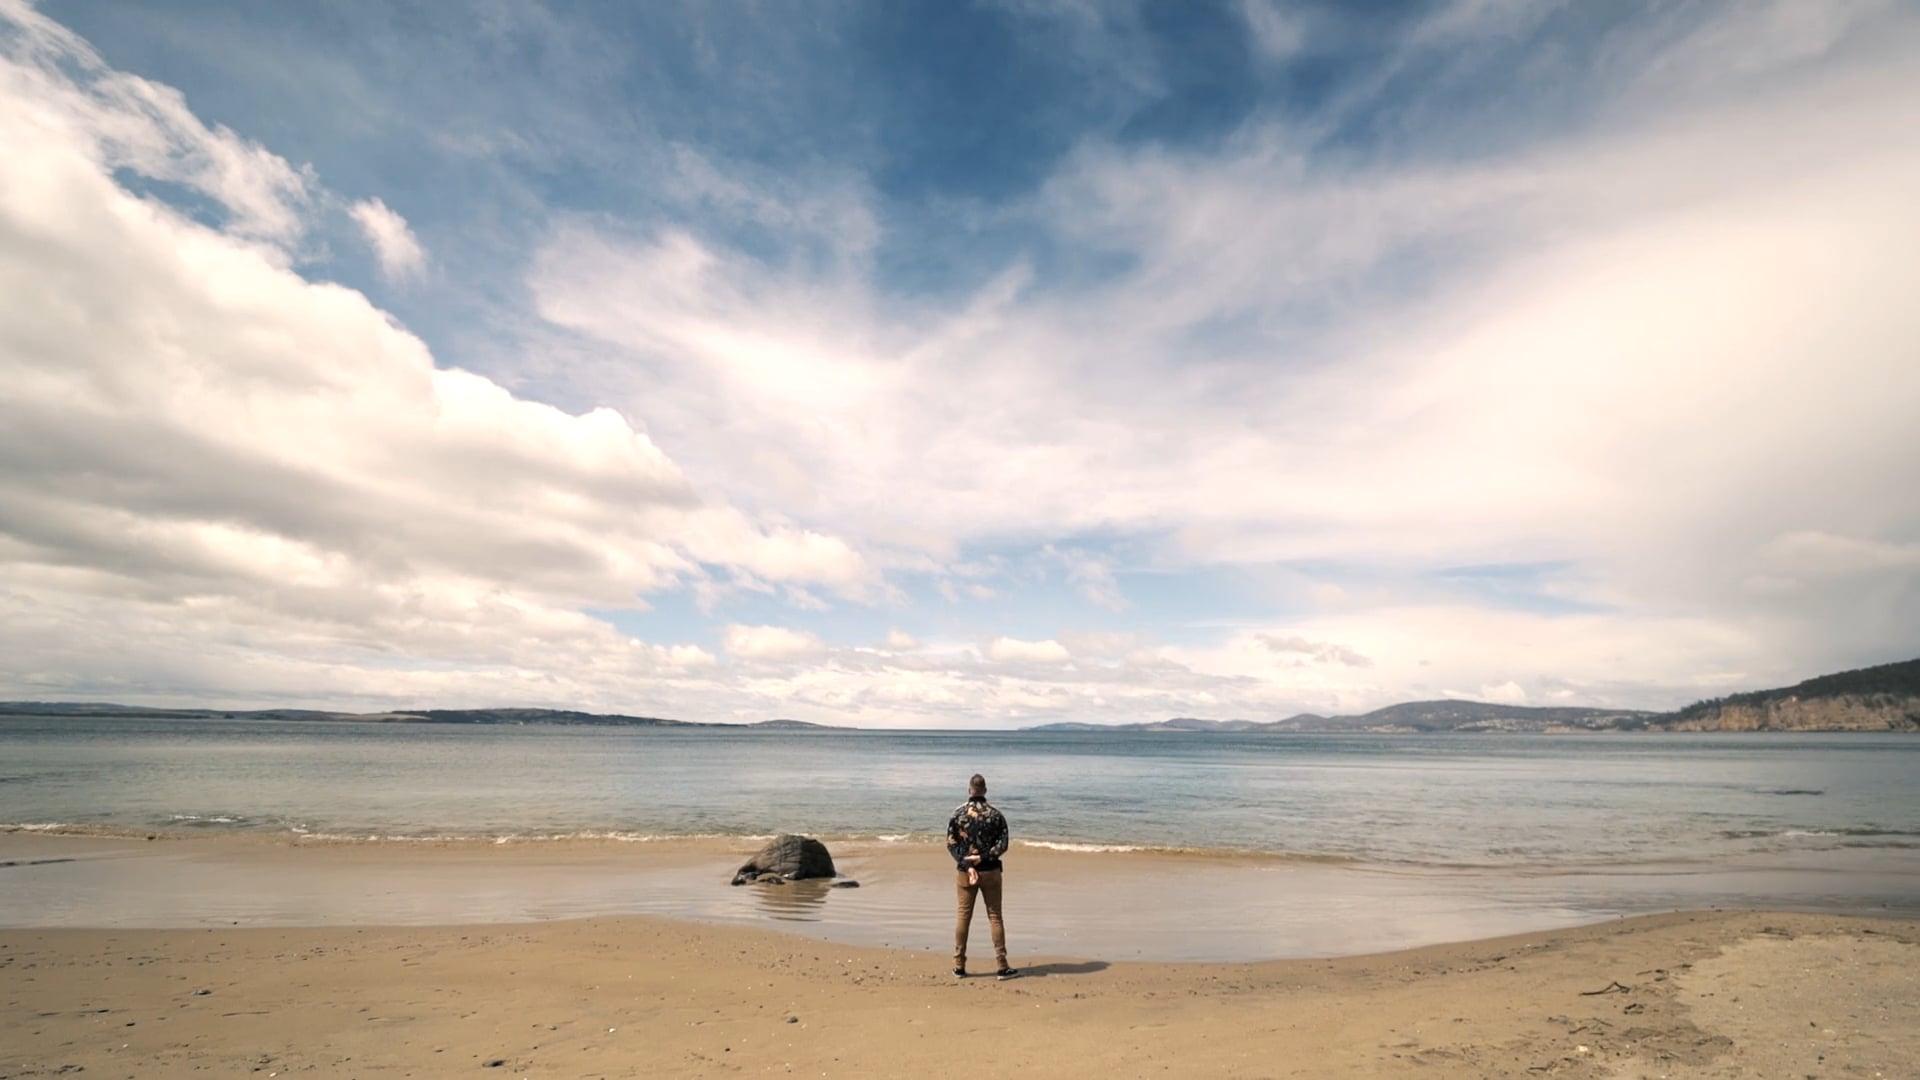 Aquakulture - Ryan Taylor